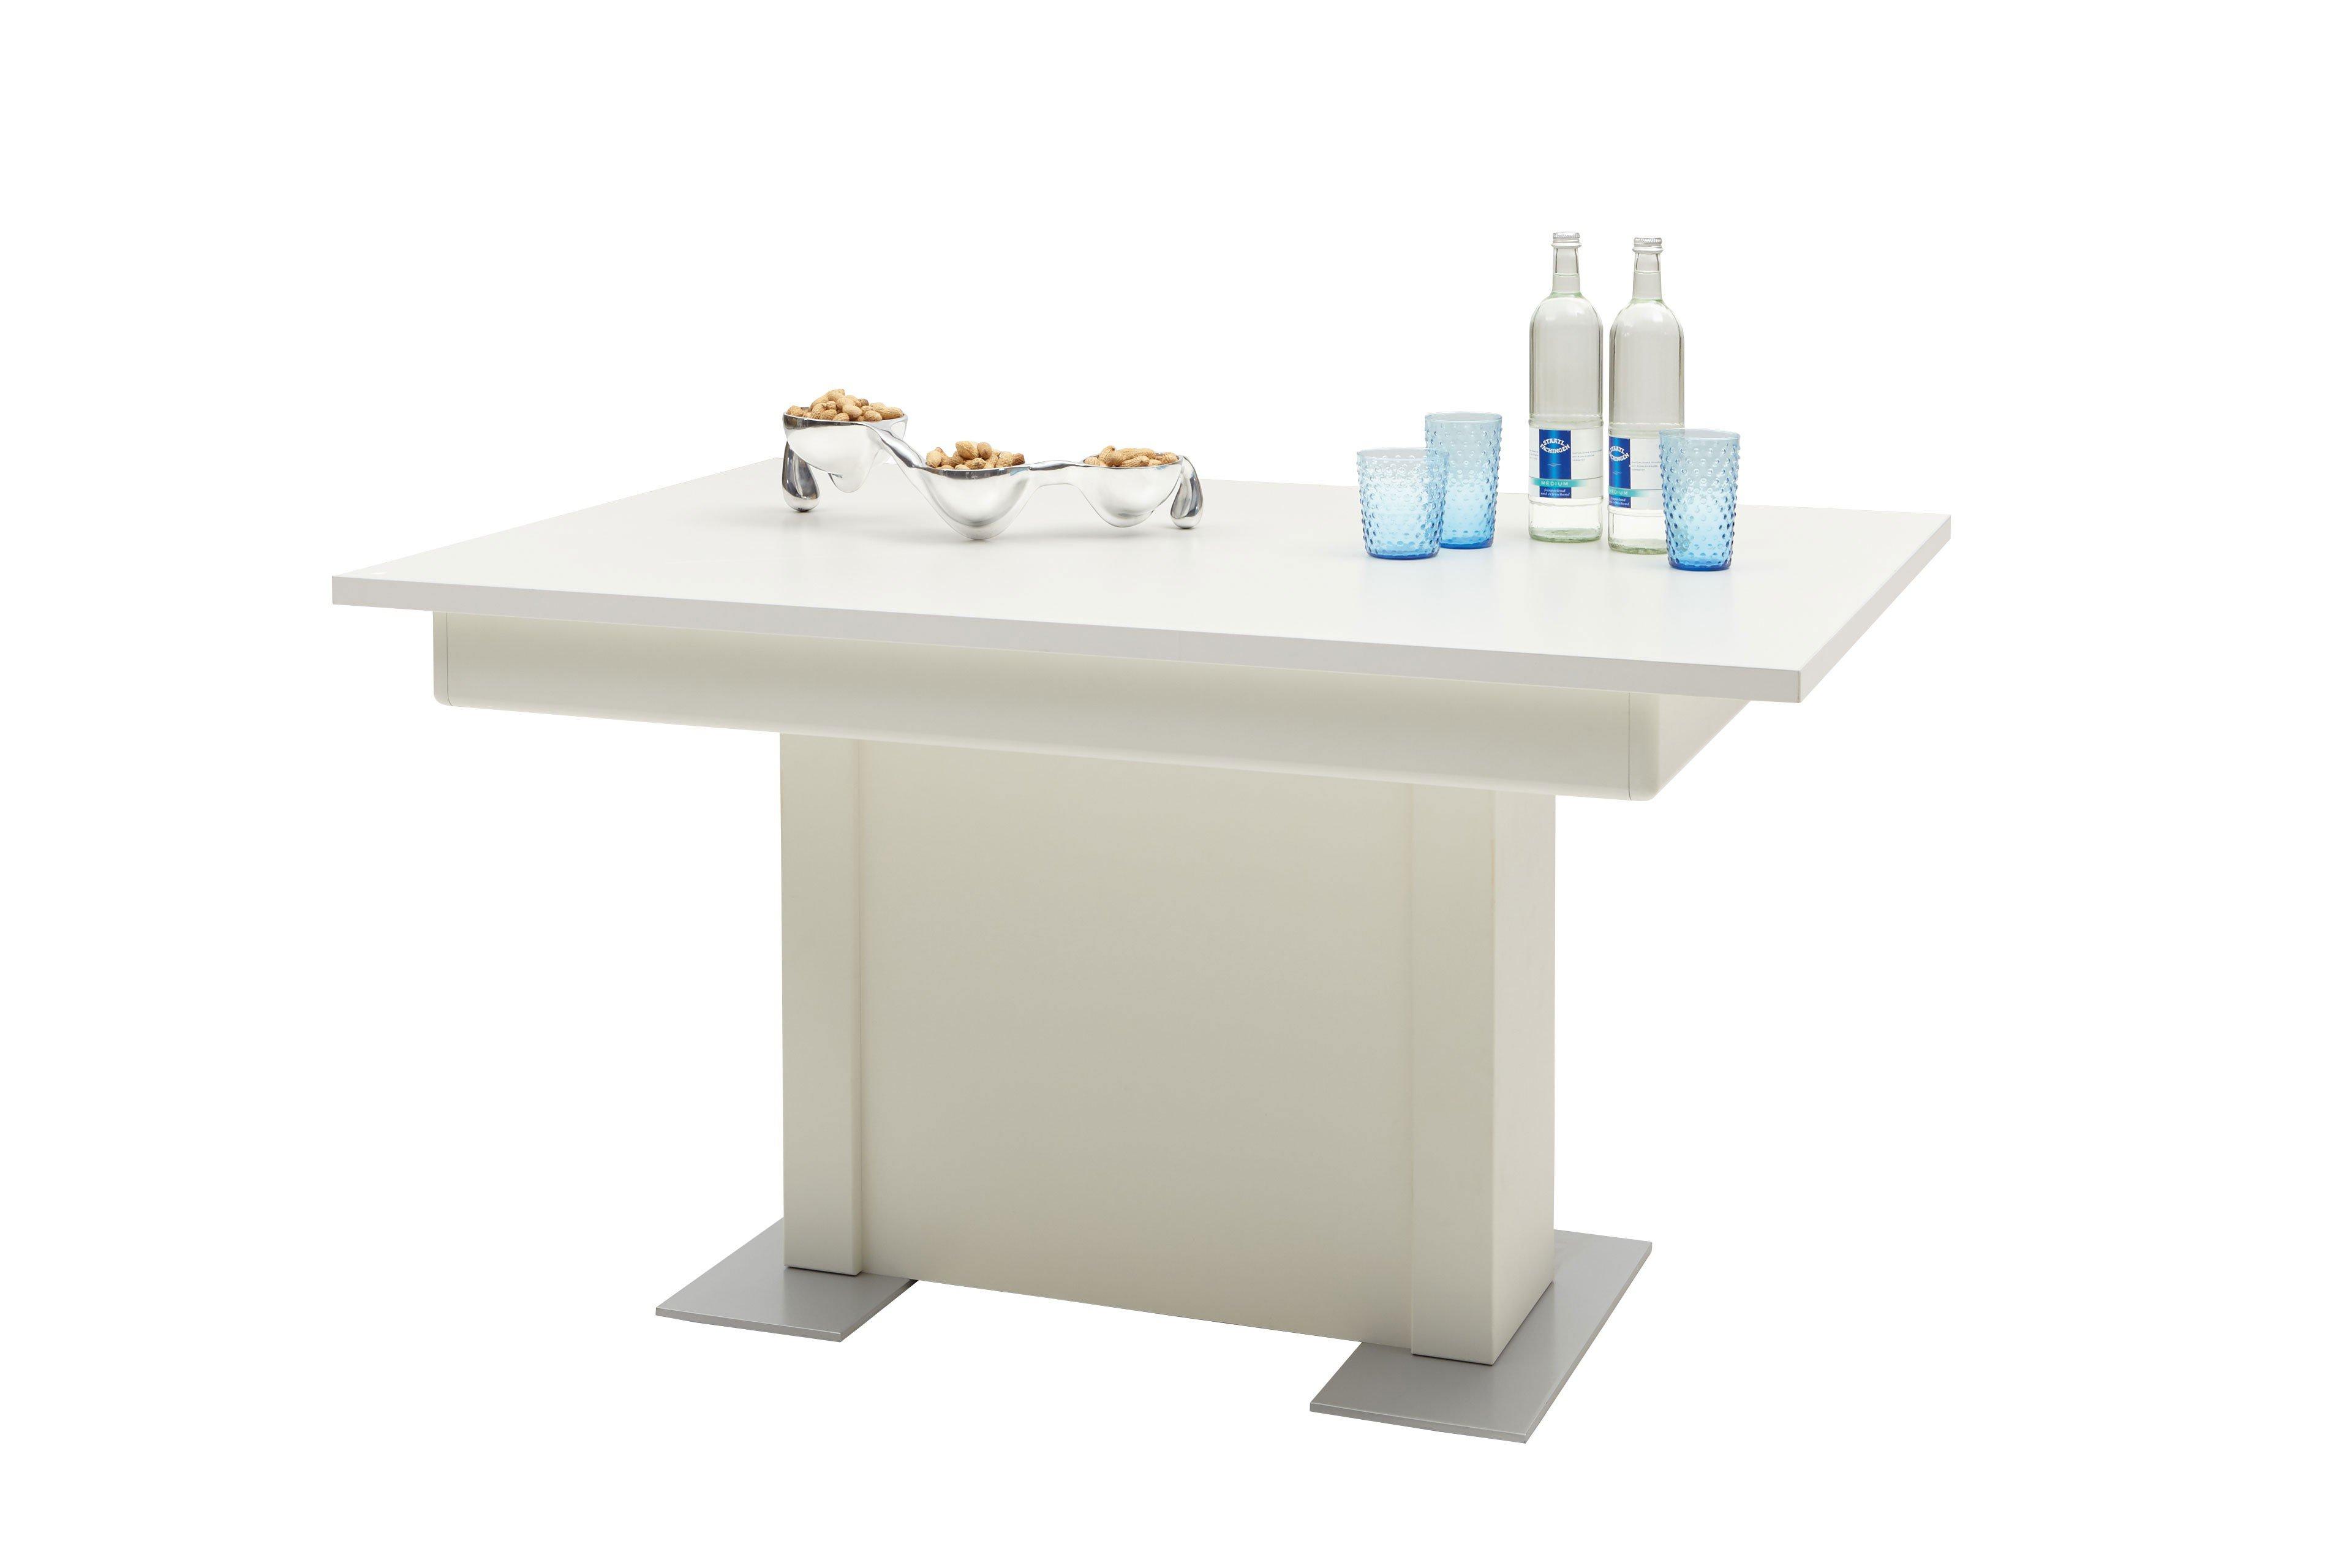 Prenneis Esstisch Modell 3009 | Möbel Letz - Ihr Online-Shop